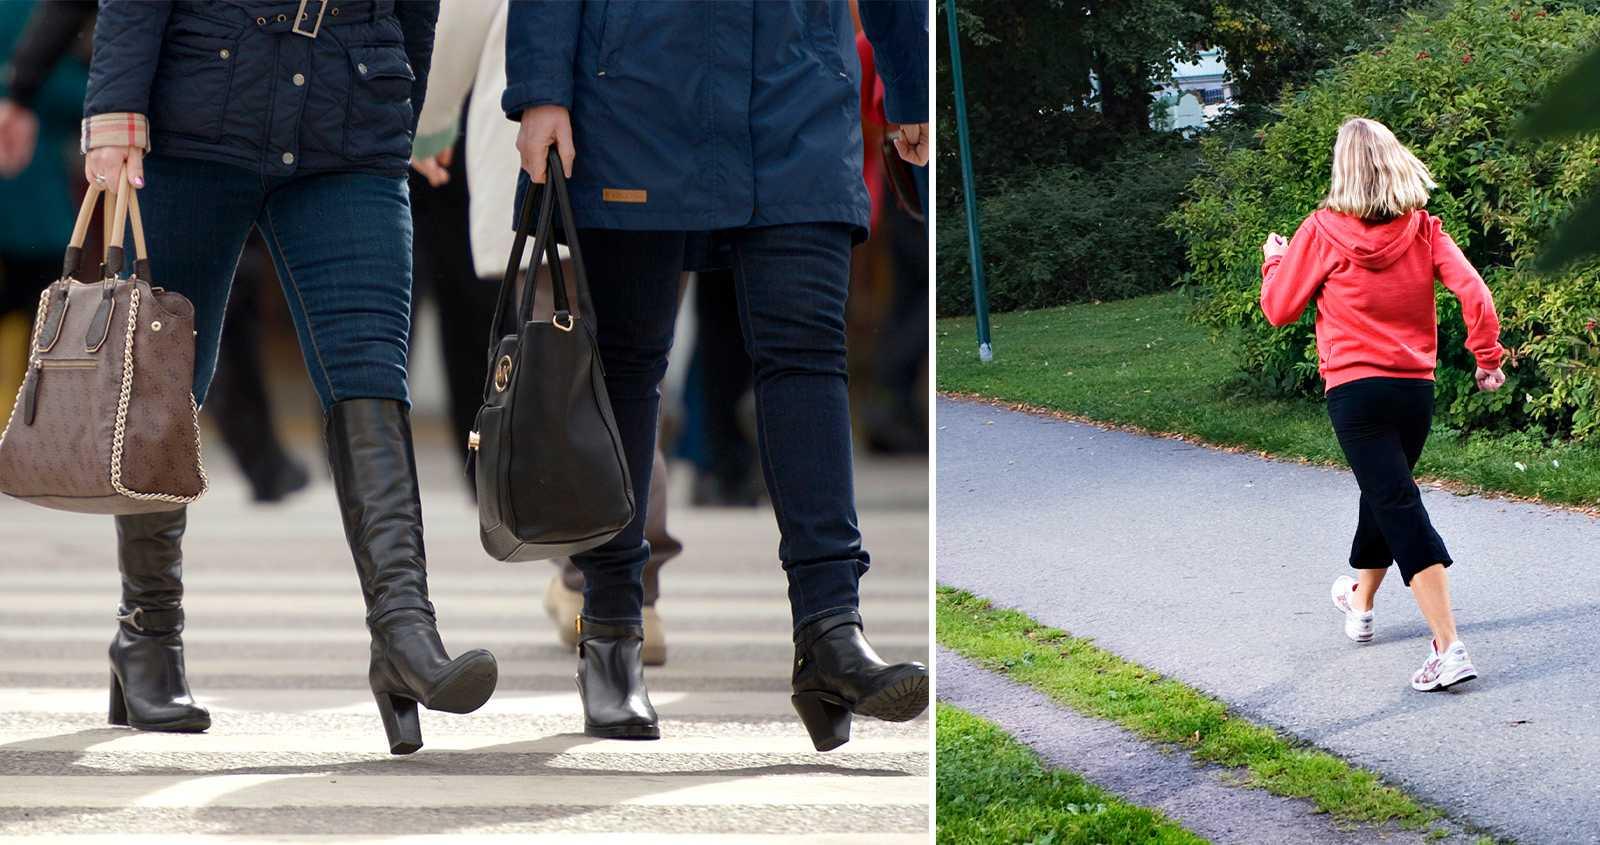 Studie: De som går i rask takt kan leva 15 år längre – oavsett vikt